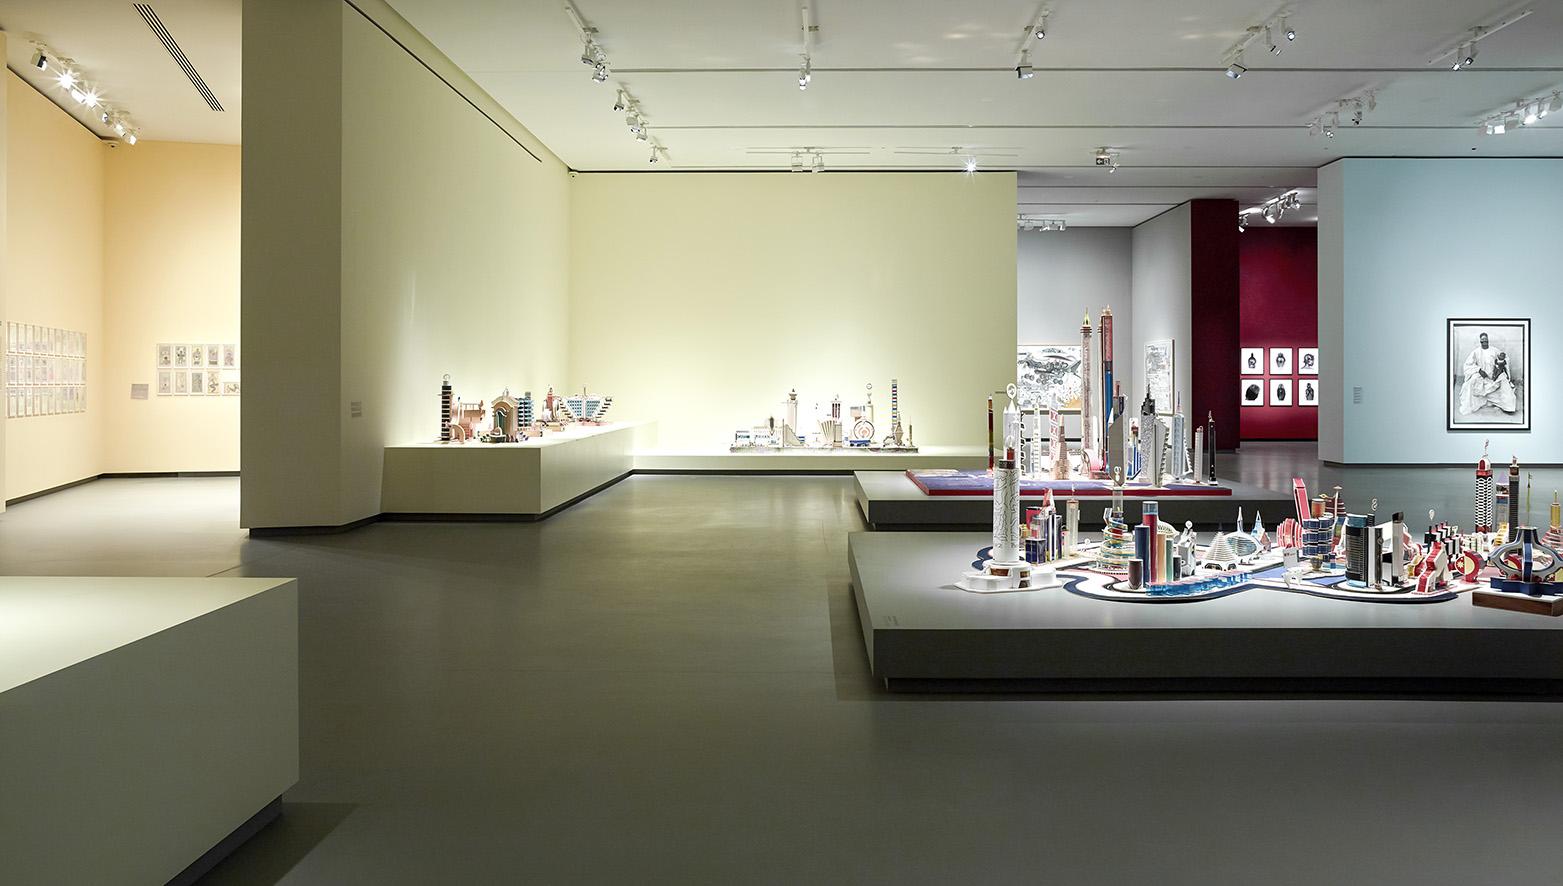 LES INTIÉS_Vue d'installation de l'exposition_6_photo ©Fondation Louis Vuitton - Marc Domage.jpg